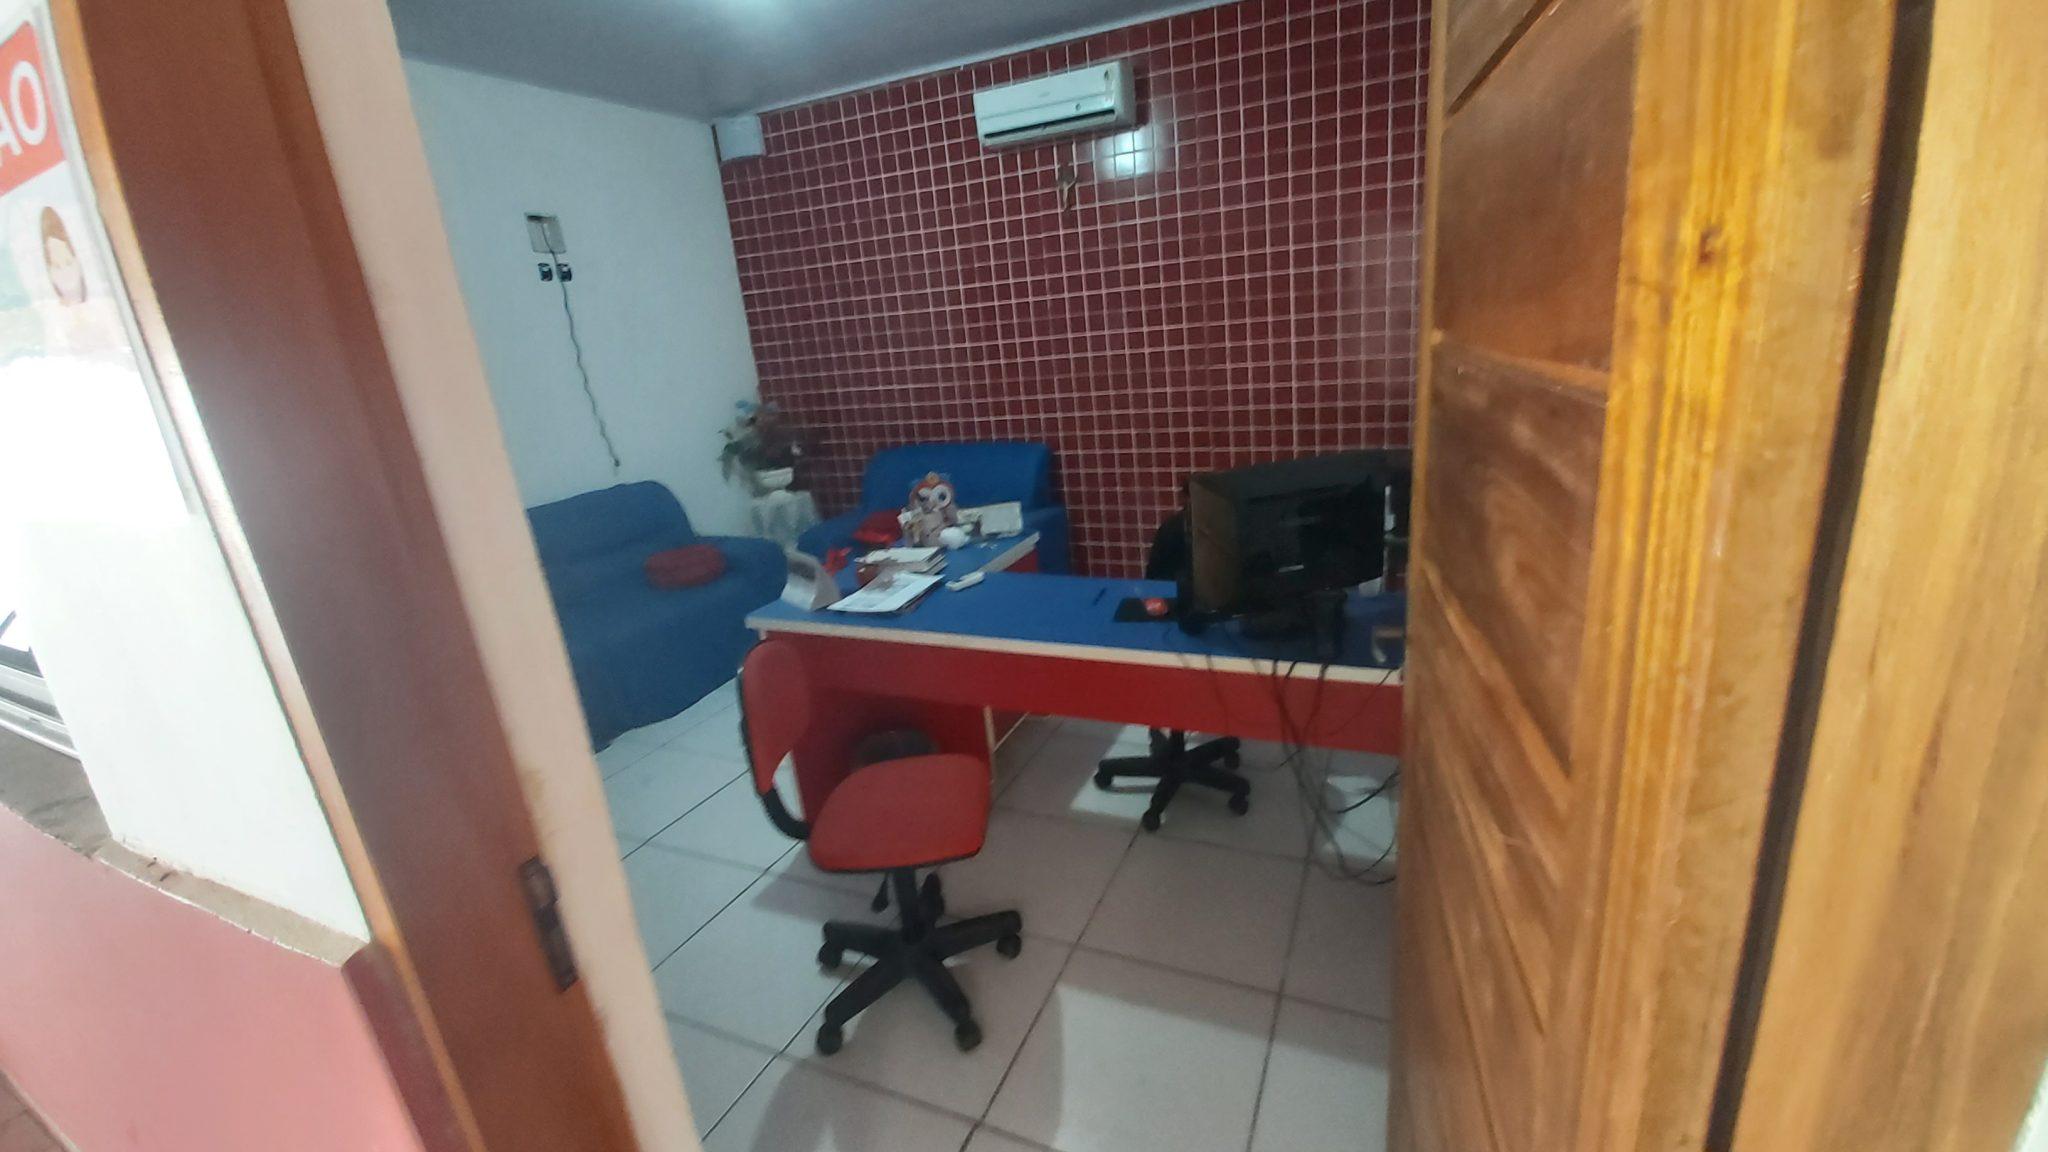 Sede do Sinte no município de José de Freitas. O suspeito arrombou o escritório da atual presidente, Professora Gorete